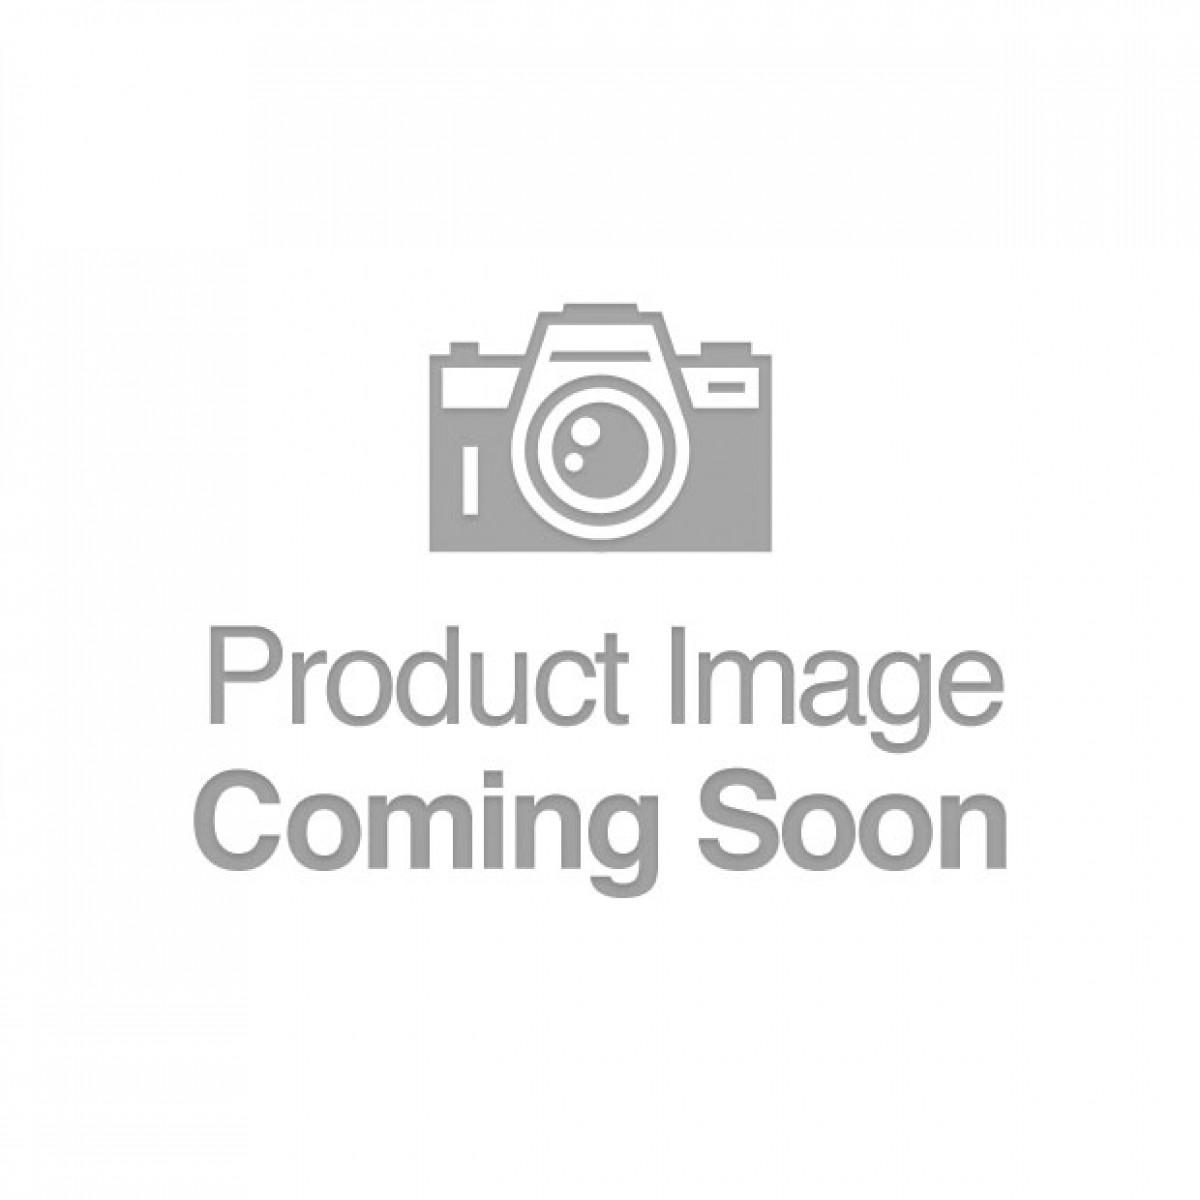 Forto F-12 35mm Liquid Silicone Cock Ring - Black